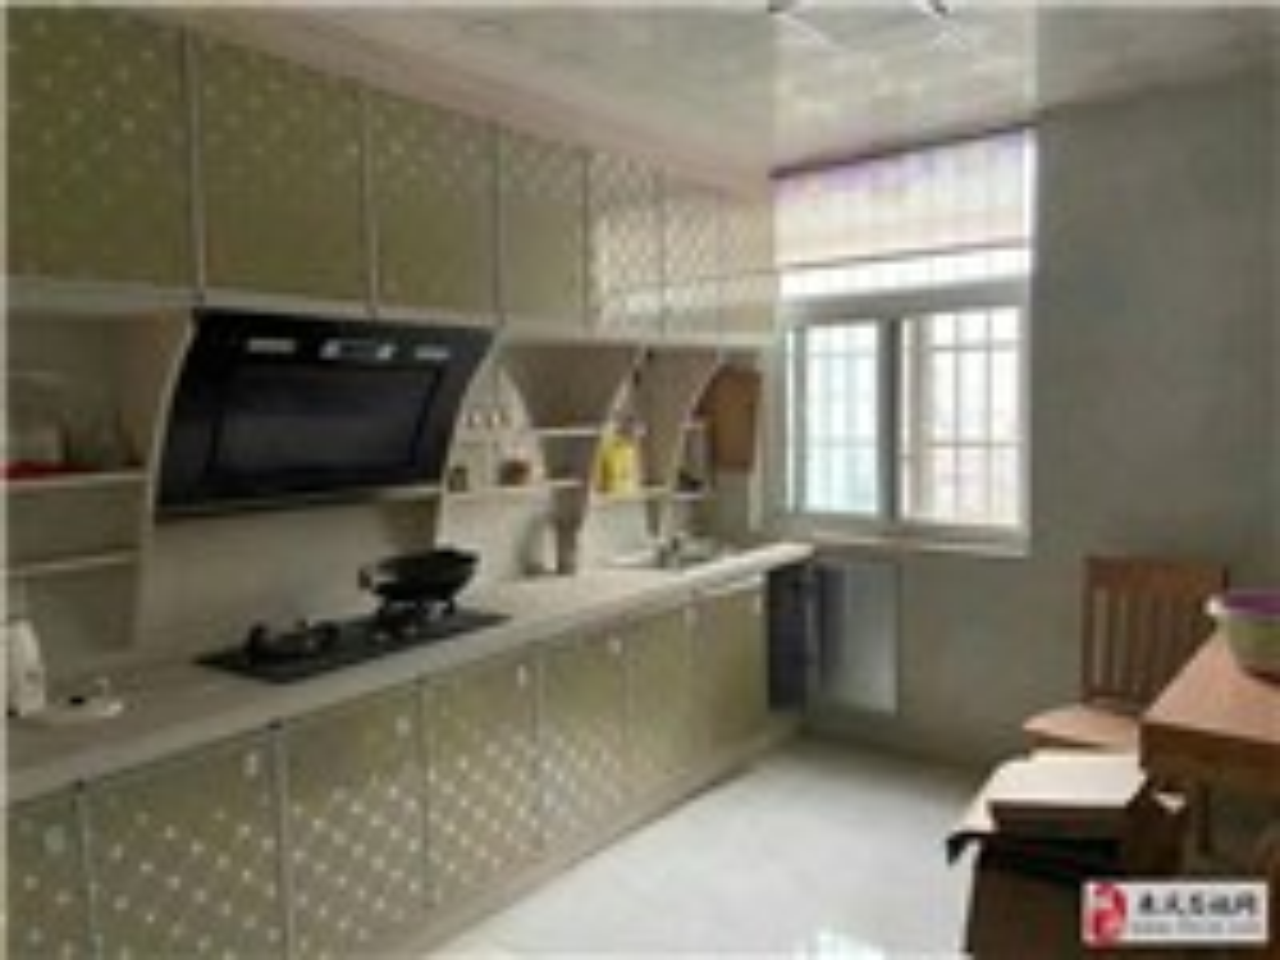 龙凤夏威夷4室 2厅 2卫精装房降价急售71万元